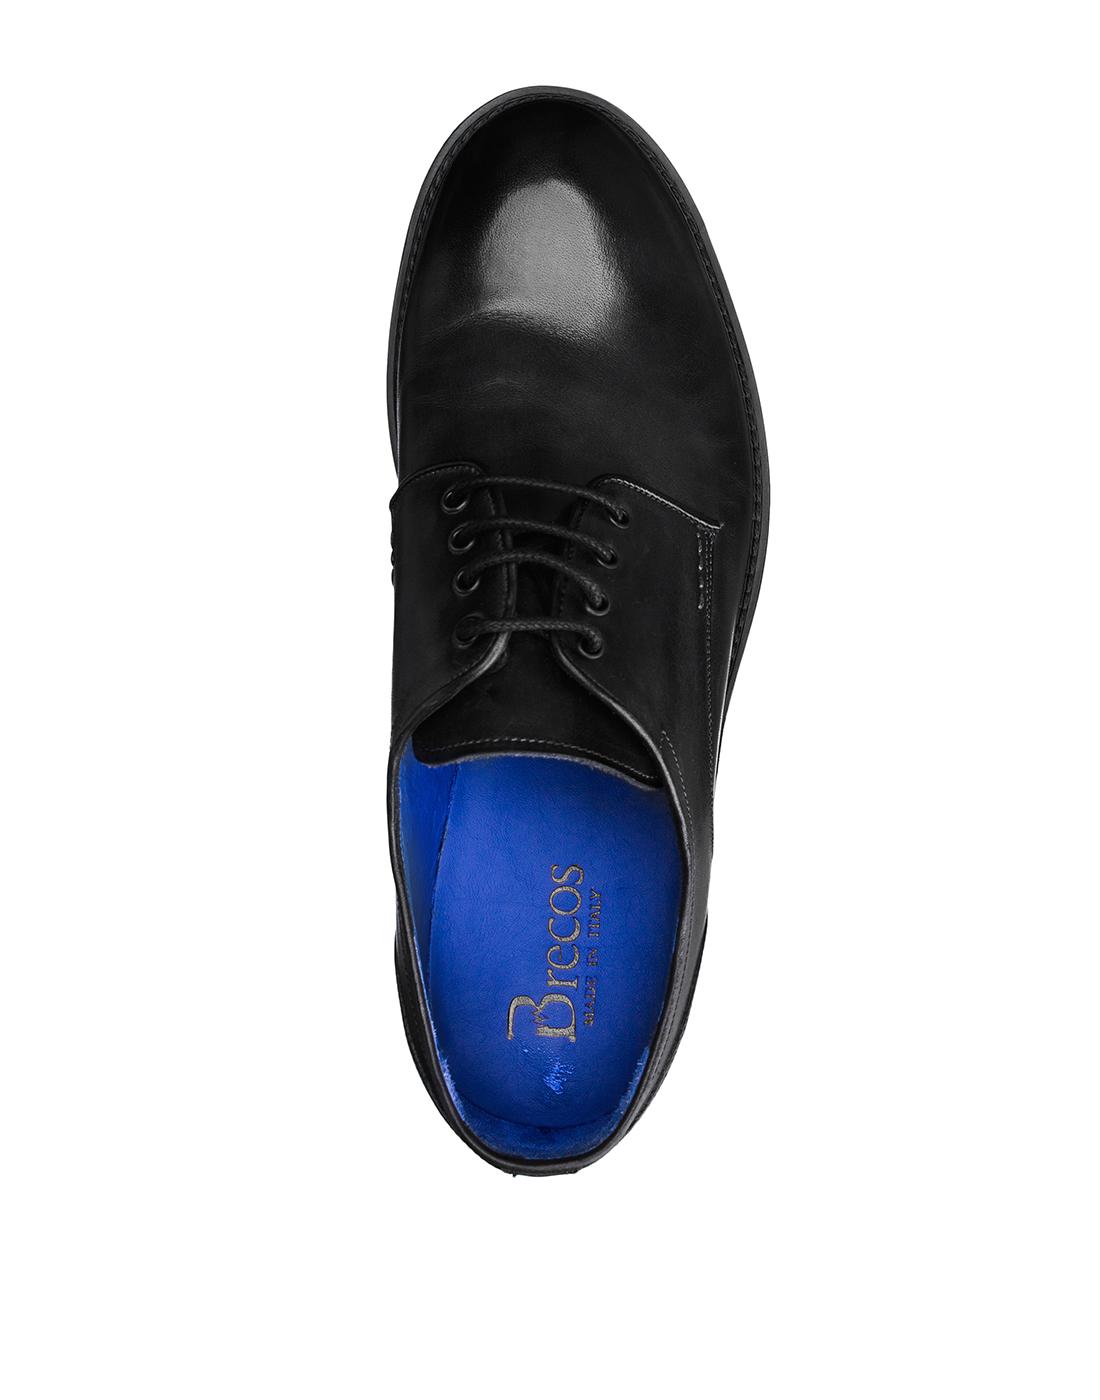 Туфли серые мужские Brecos S8133-5